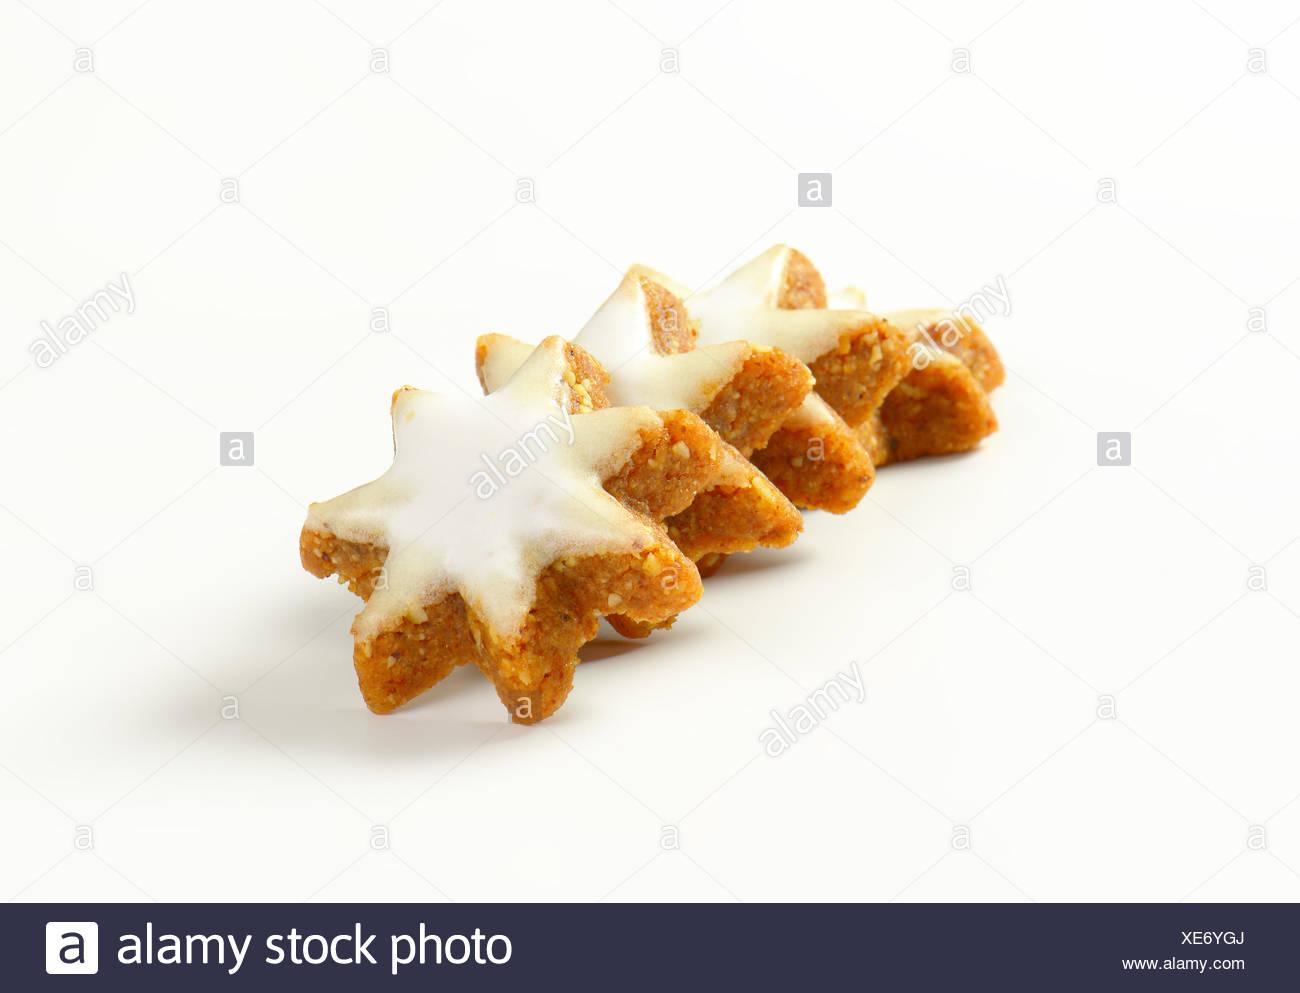 Biscotti Di Natale Zimtsterne.Zimtsterne Cannella Stelle Tedesco Tradizionali Biscotti Di Natale Foto Stock Alamy